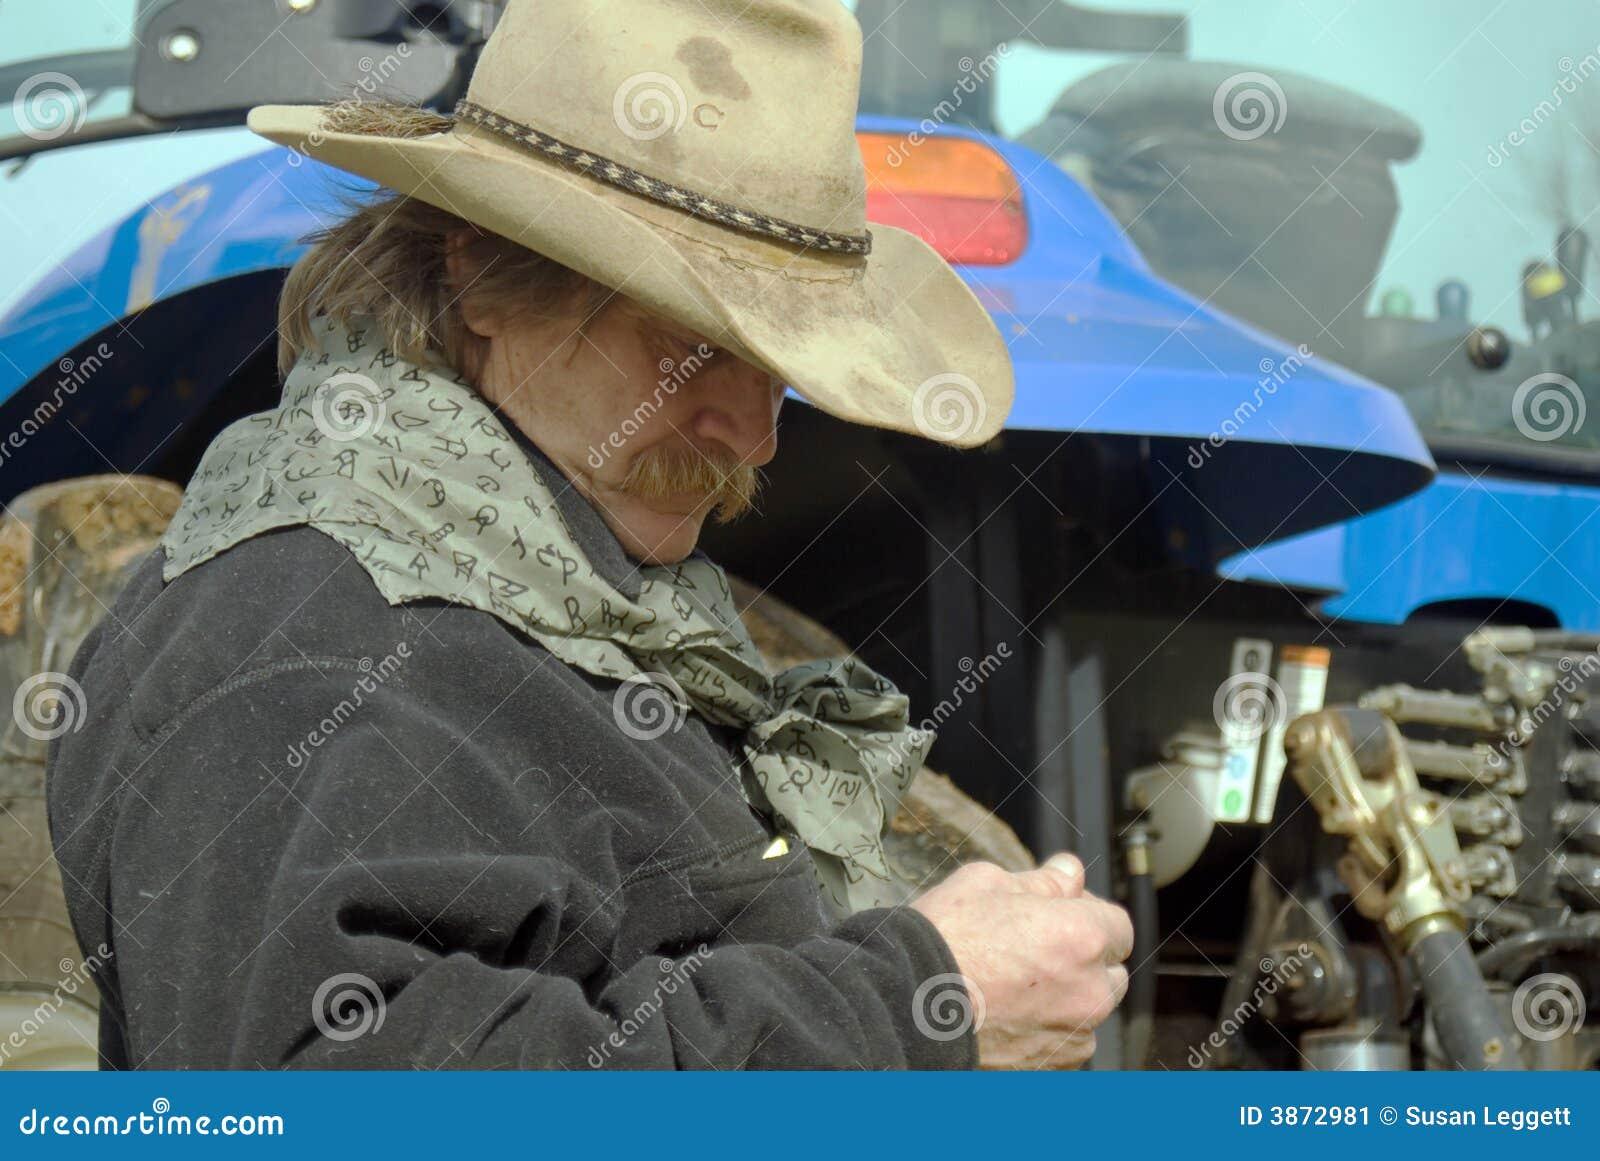 Ouvrier de ferme